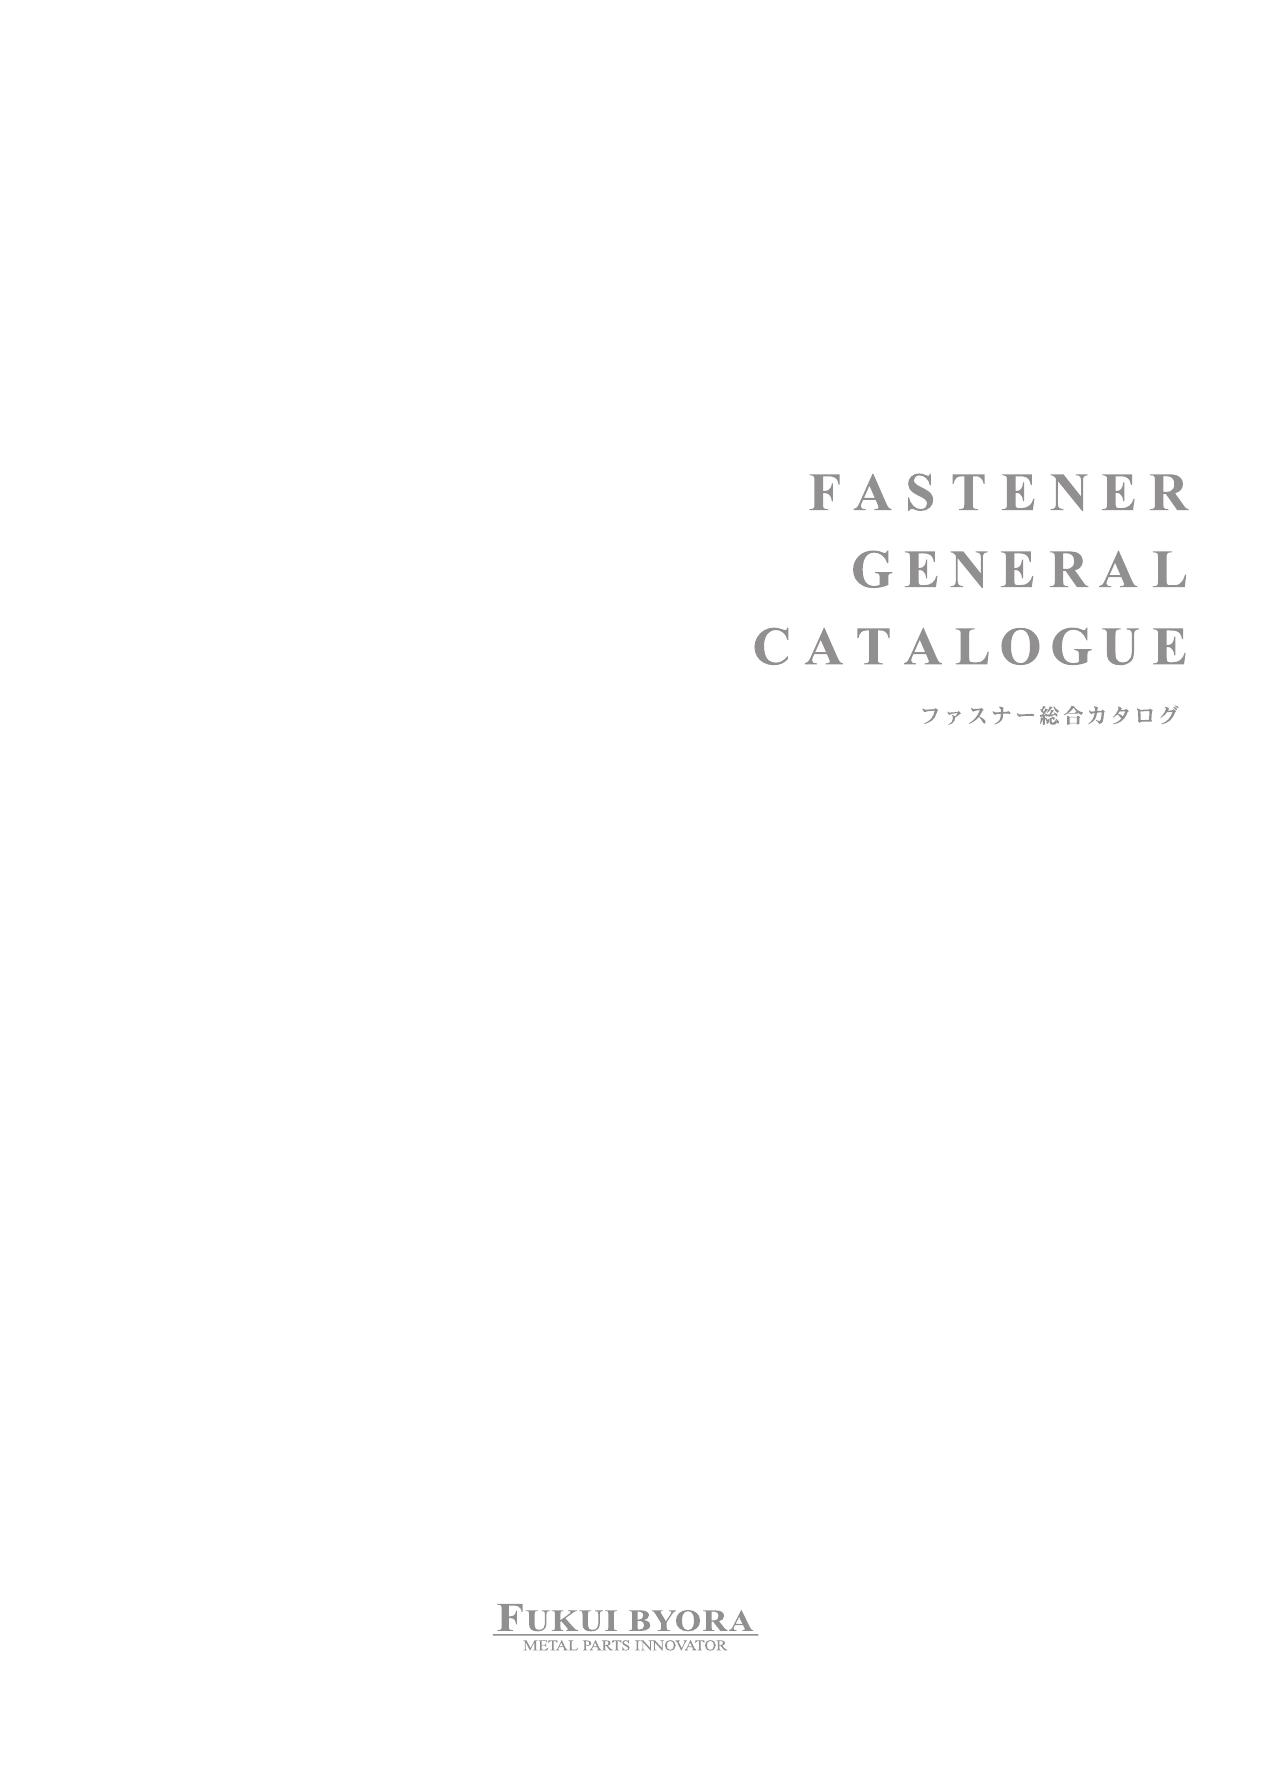 ファスナー総合カタログ